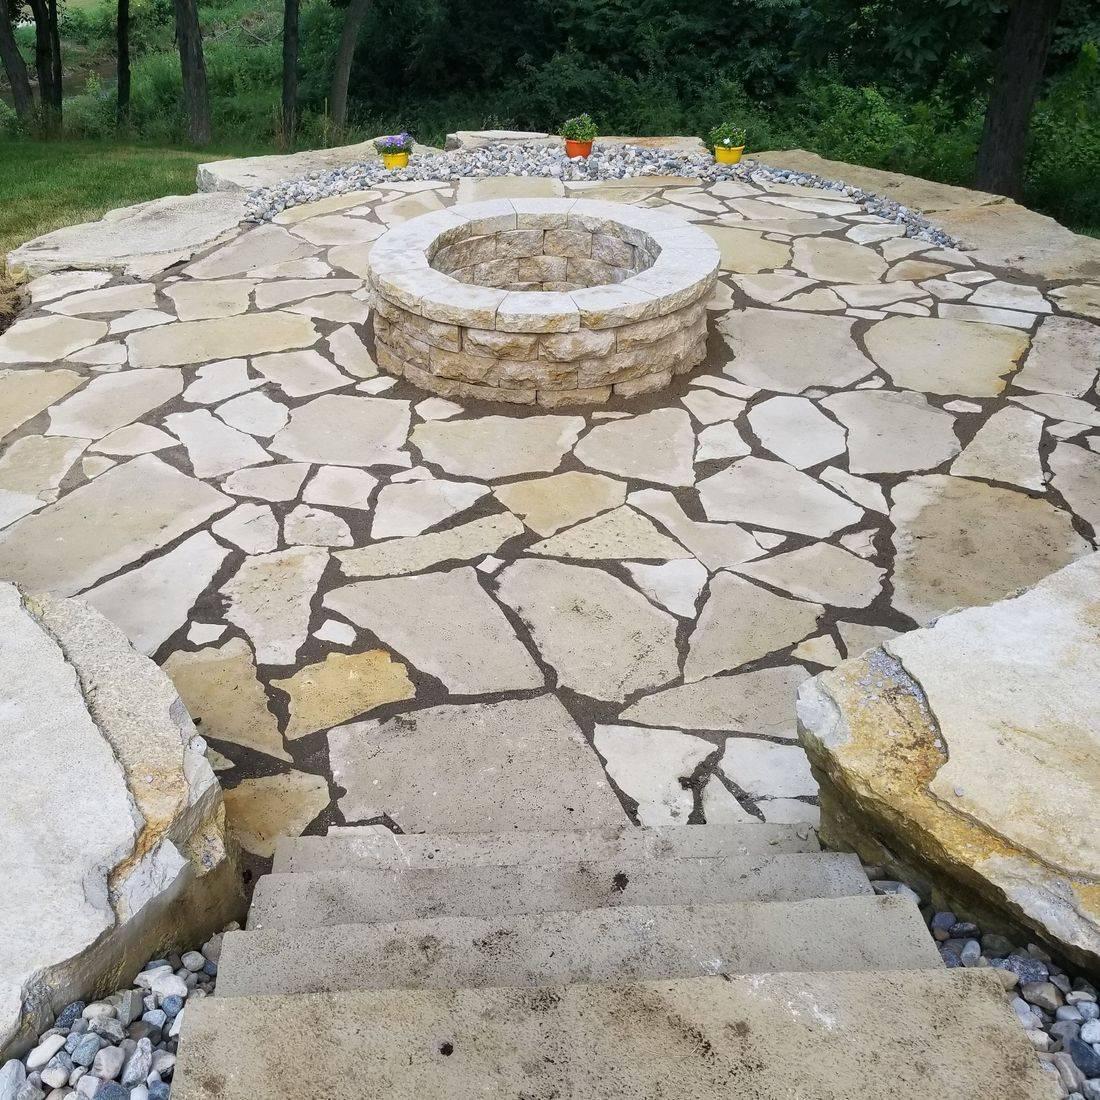 Landscape, stone patio, lawn care, iowa